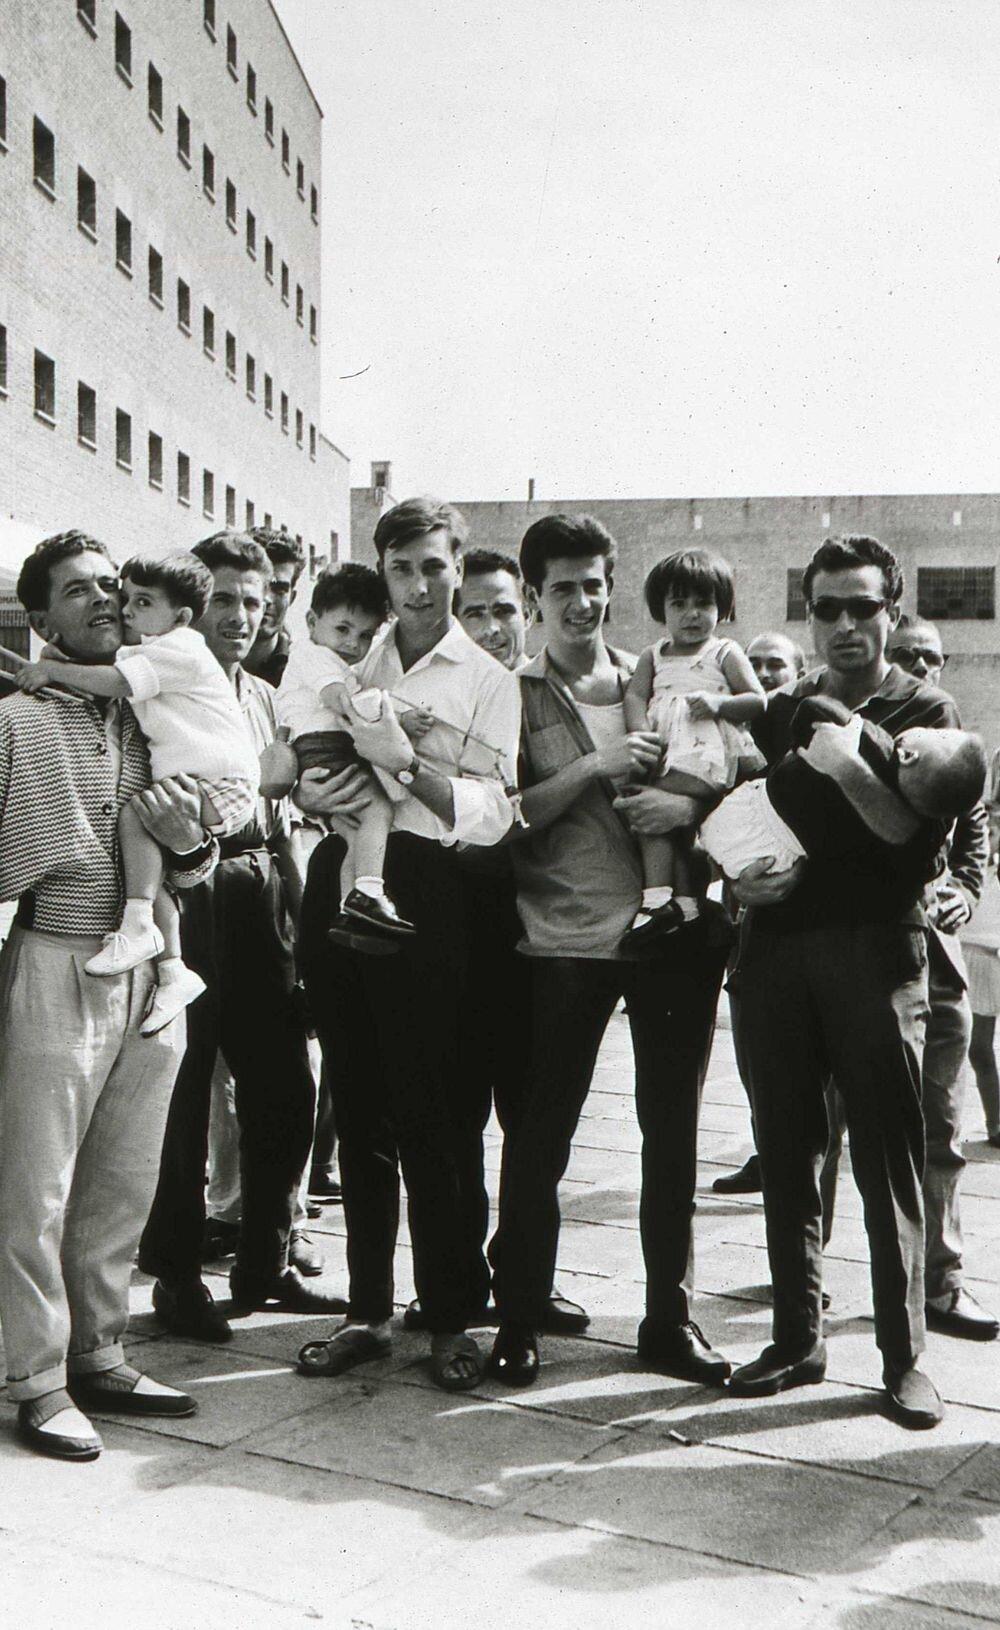 presos de la cárcel de carabanchel con sus hijos (1962). fotografía: memoria de madrid